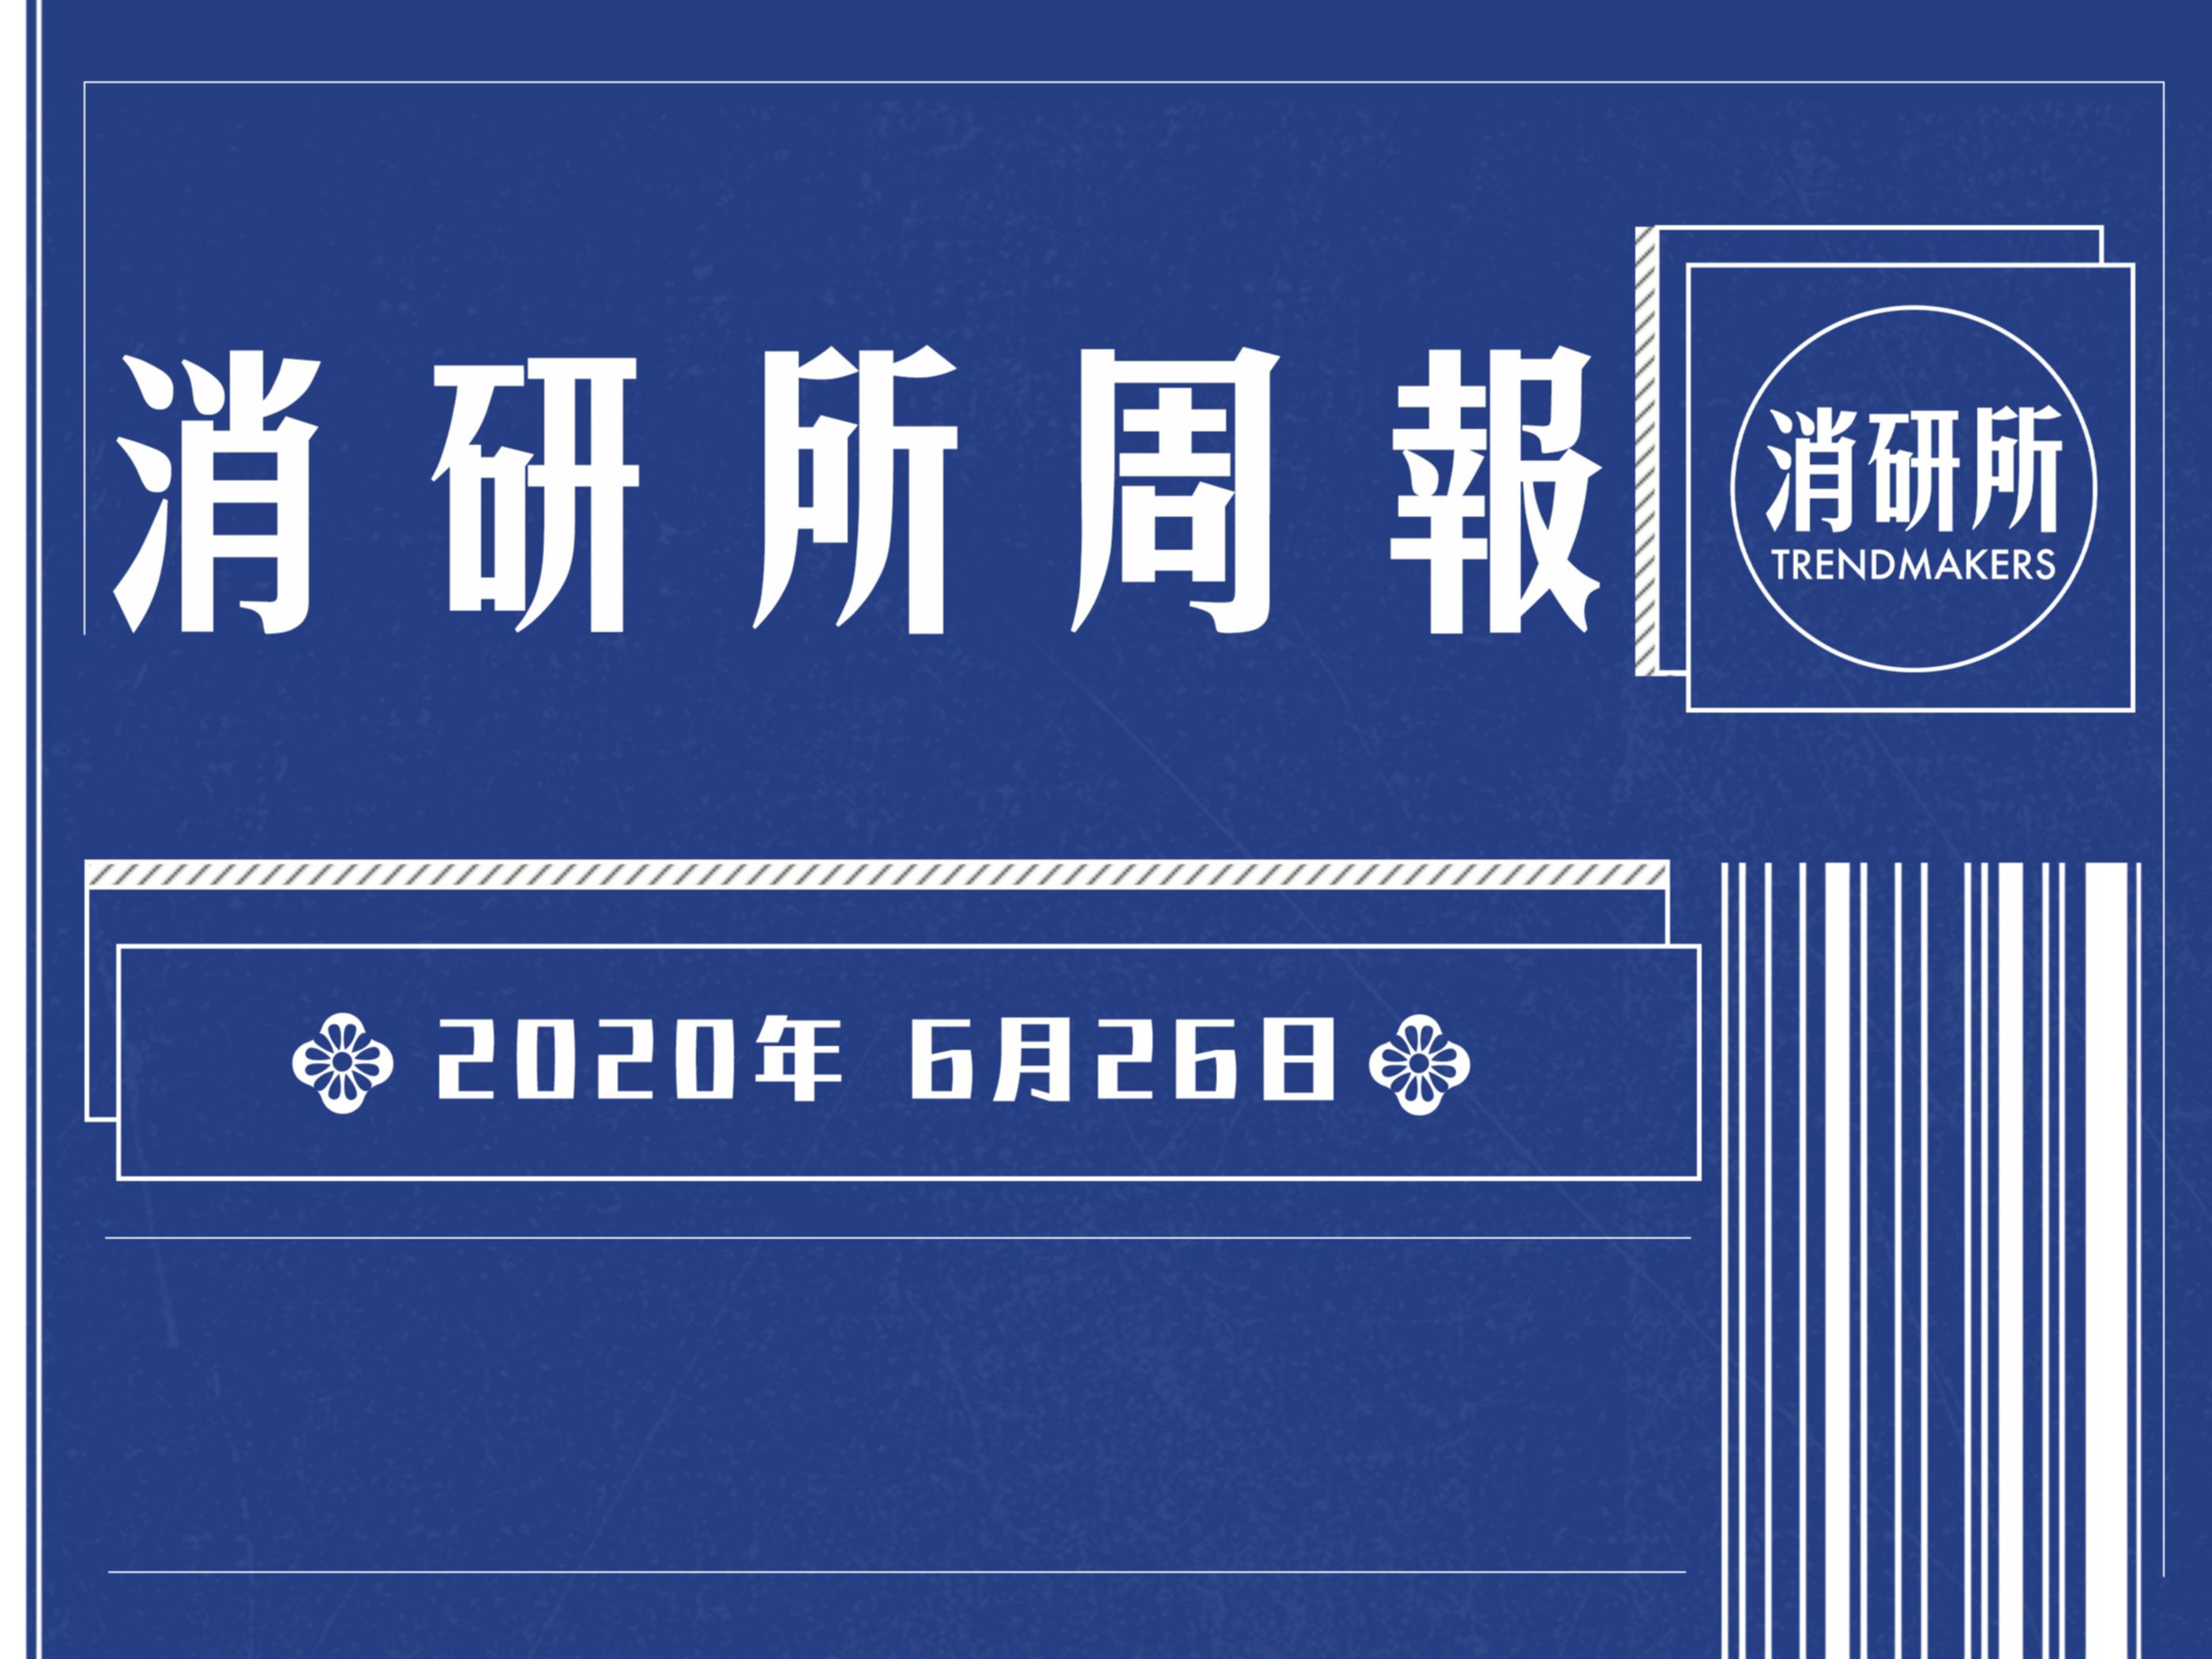 瑞幸再次收到摘牌通知;饿了么对北京外卖骑手进行核酸检测;黄峥身家超马云|消研所周报